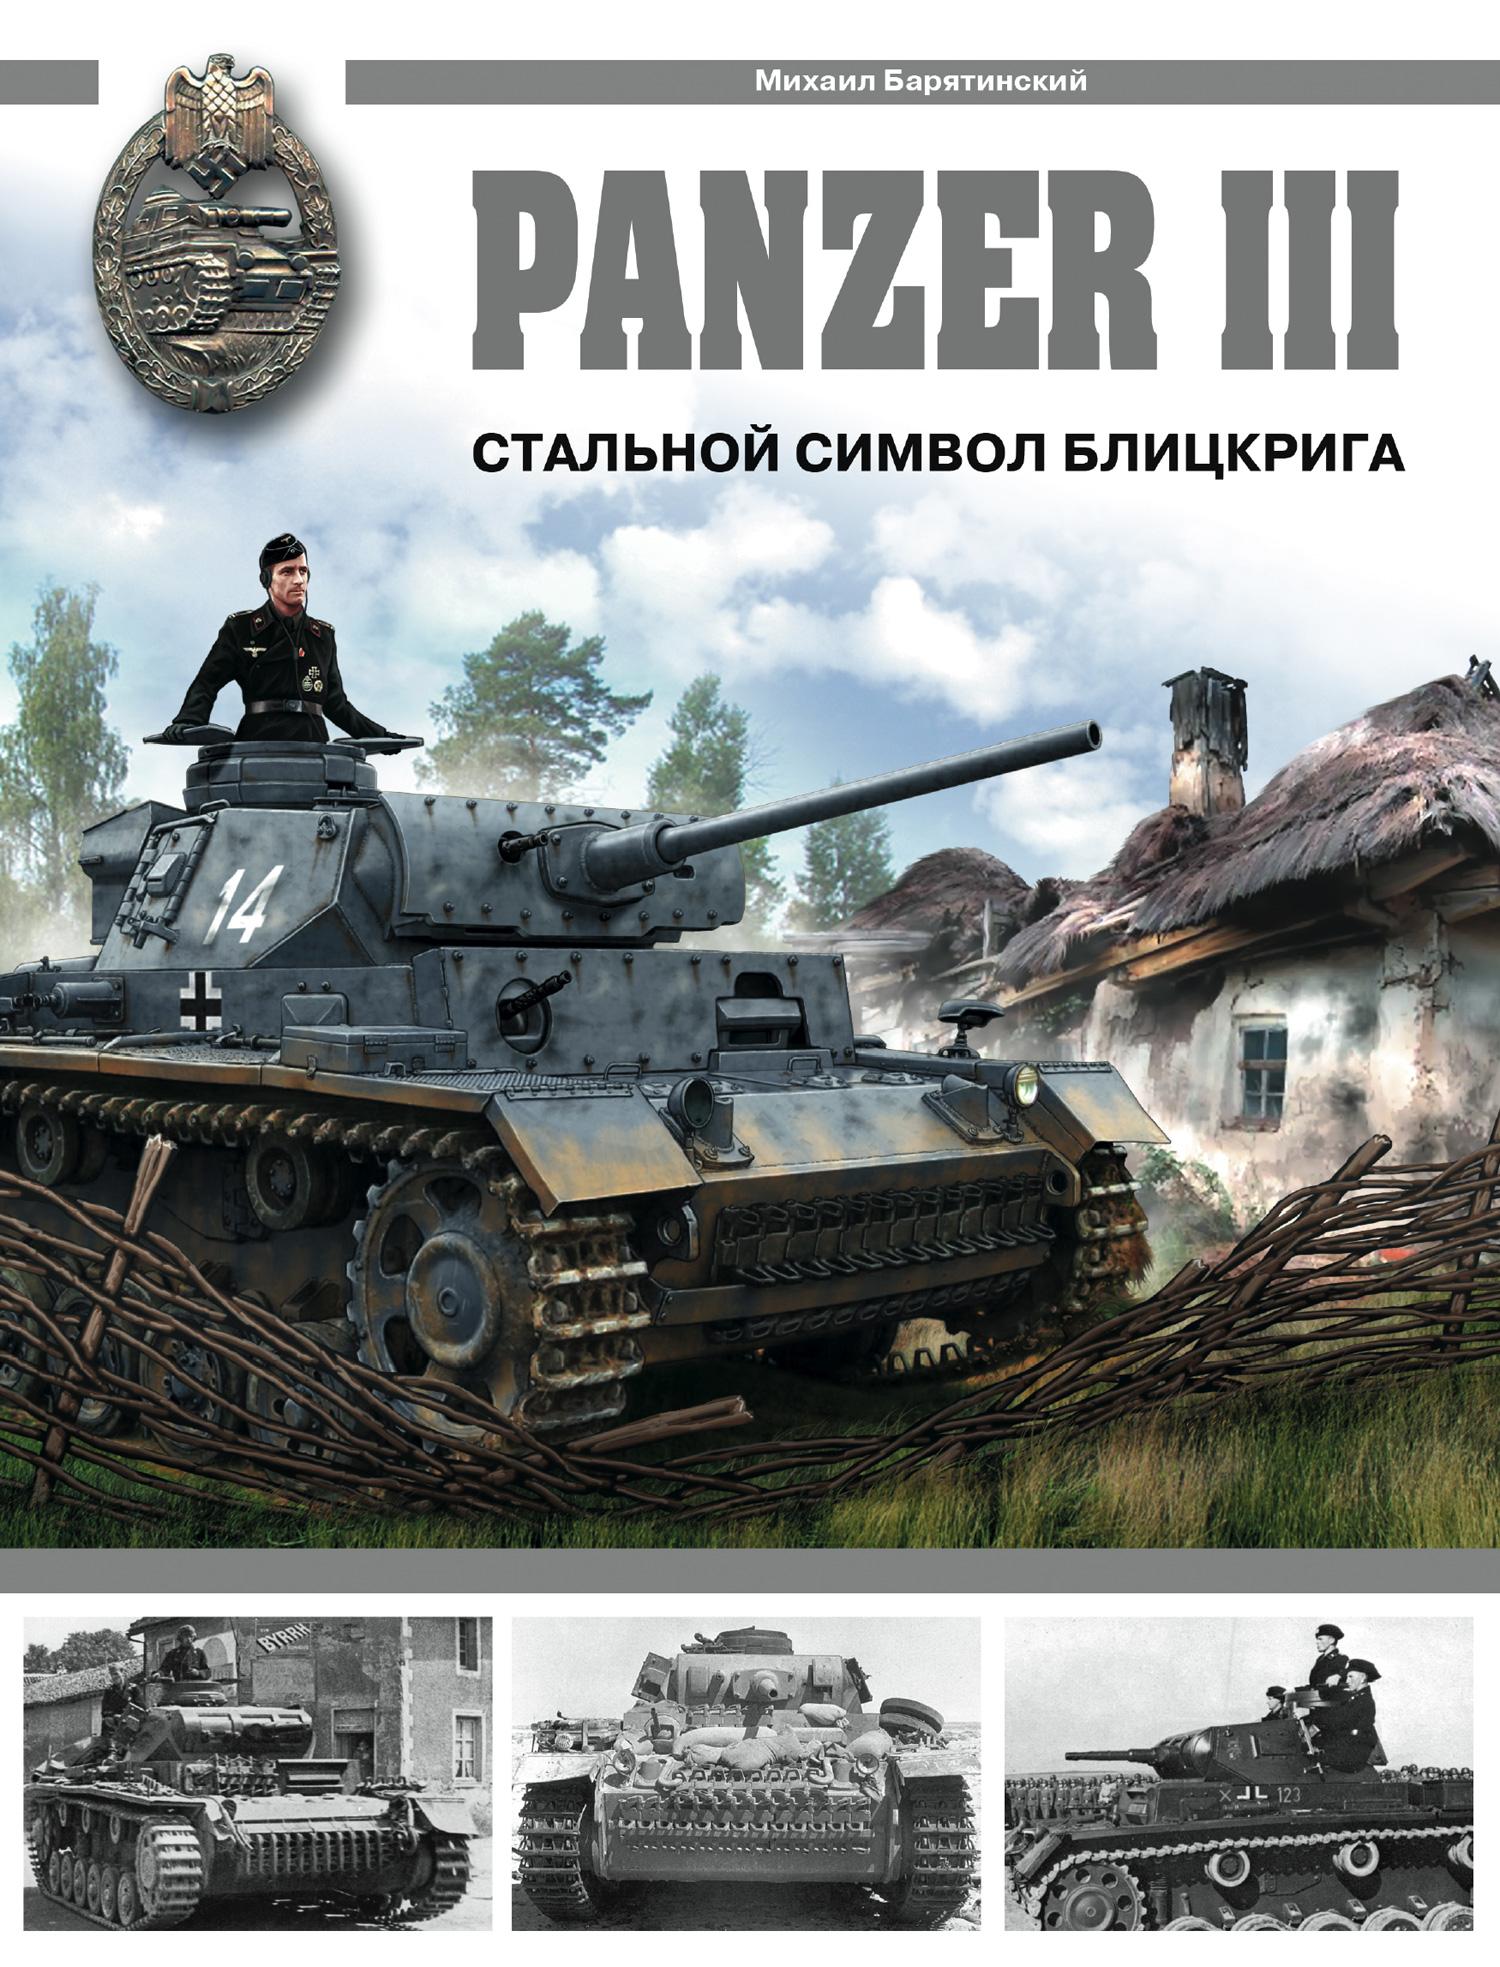 Михаил Барятинский Panzer III. Стальной символ блицкрига